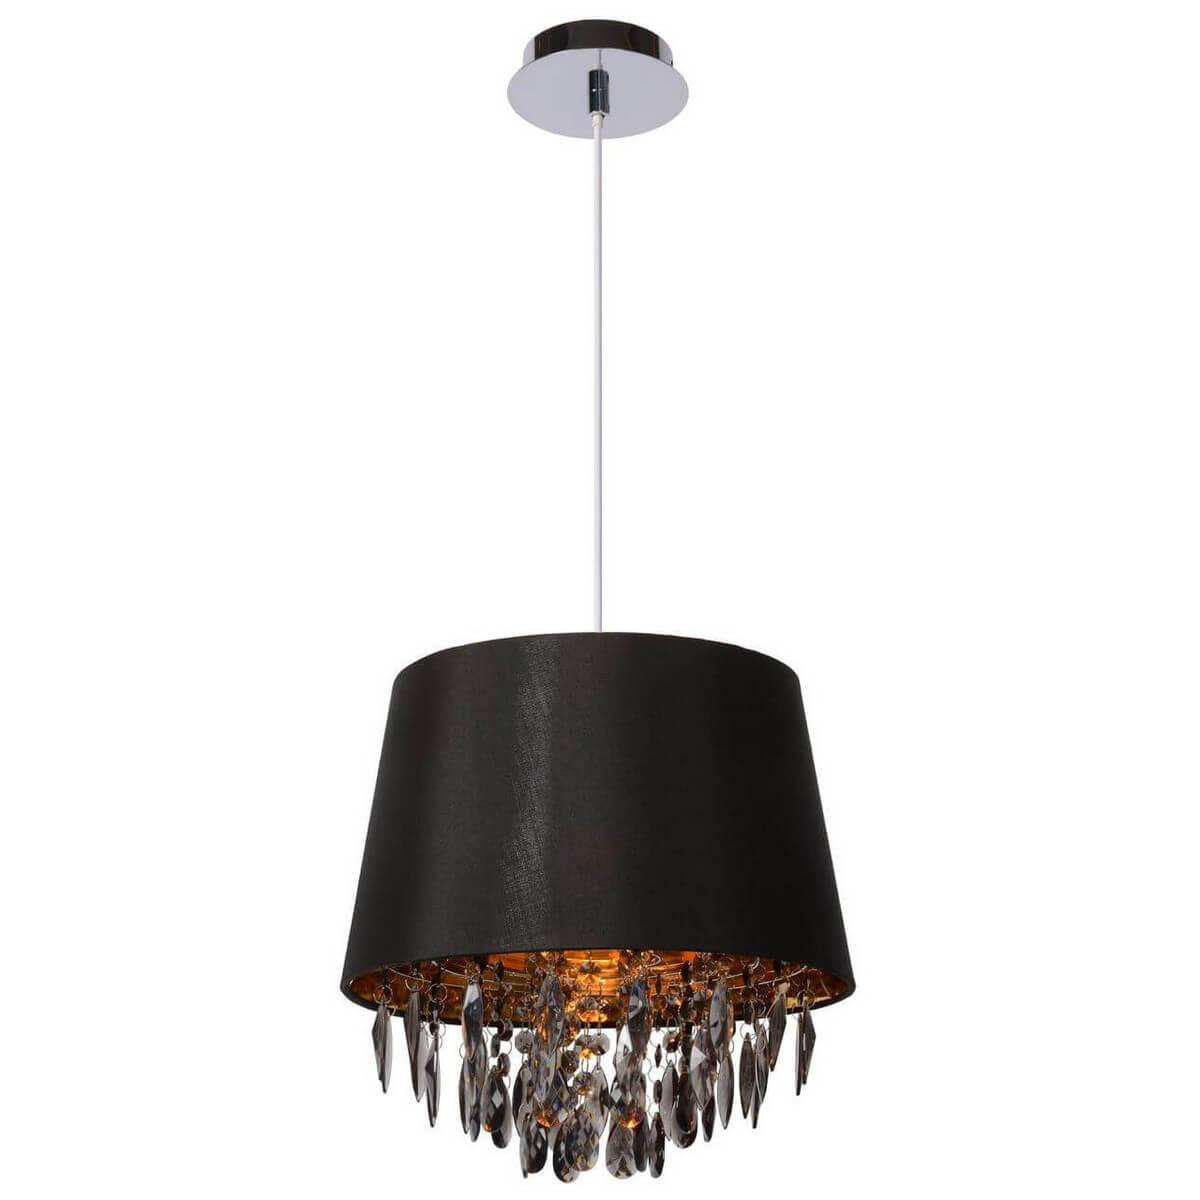 Подвесной светильник Lucide 78368/30/30, E27, 18 Вт подвесной светильник lucide dolti 78368 45 31